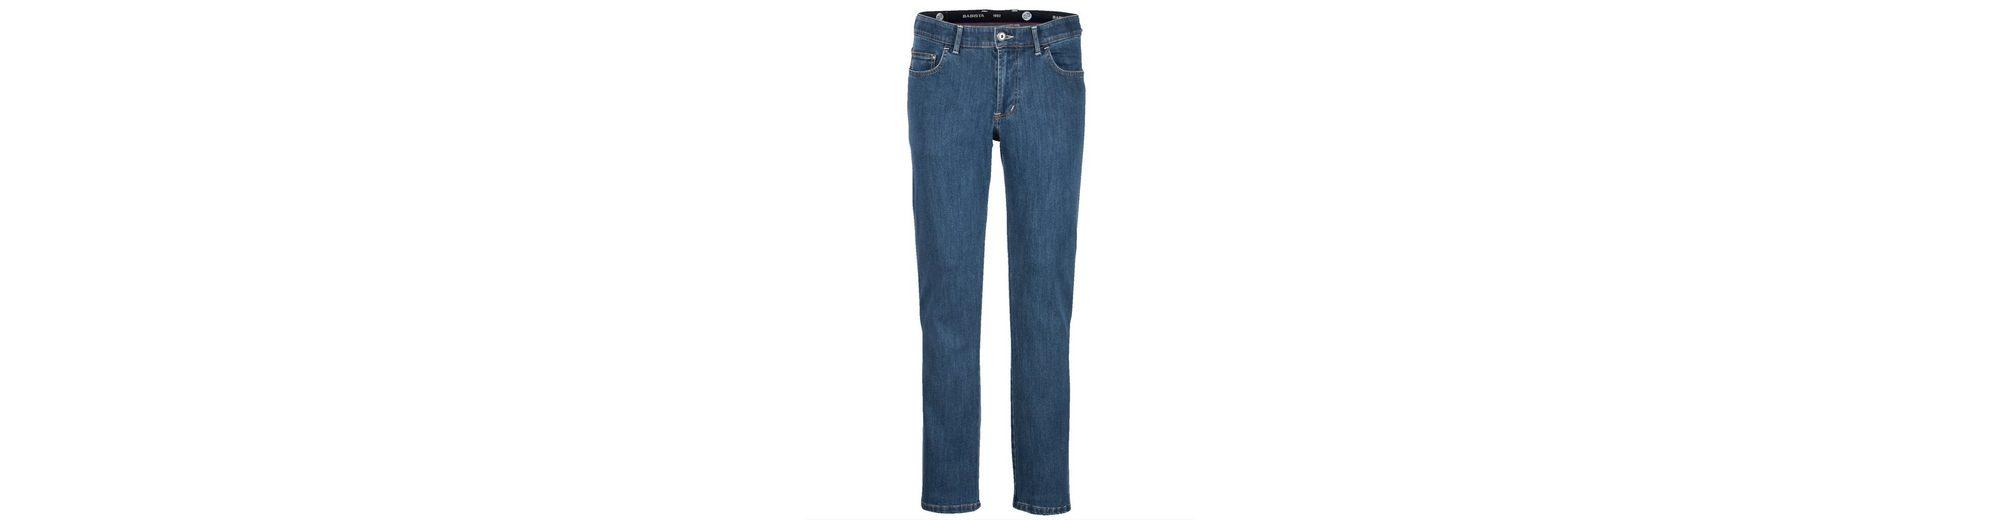 Babista Jeans mit Wolle Rabatt Bestseller PXoBk1a374